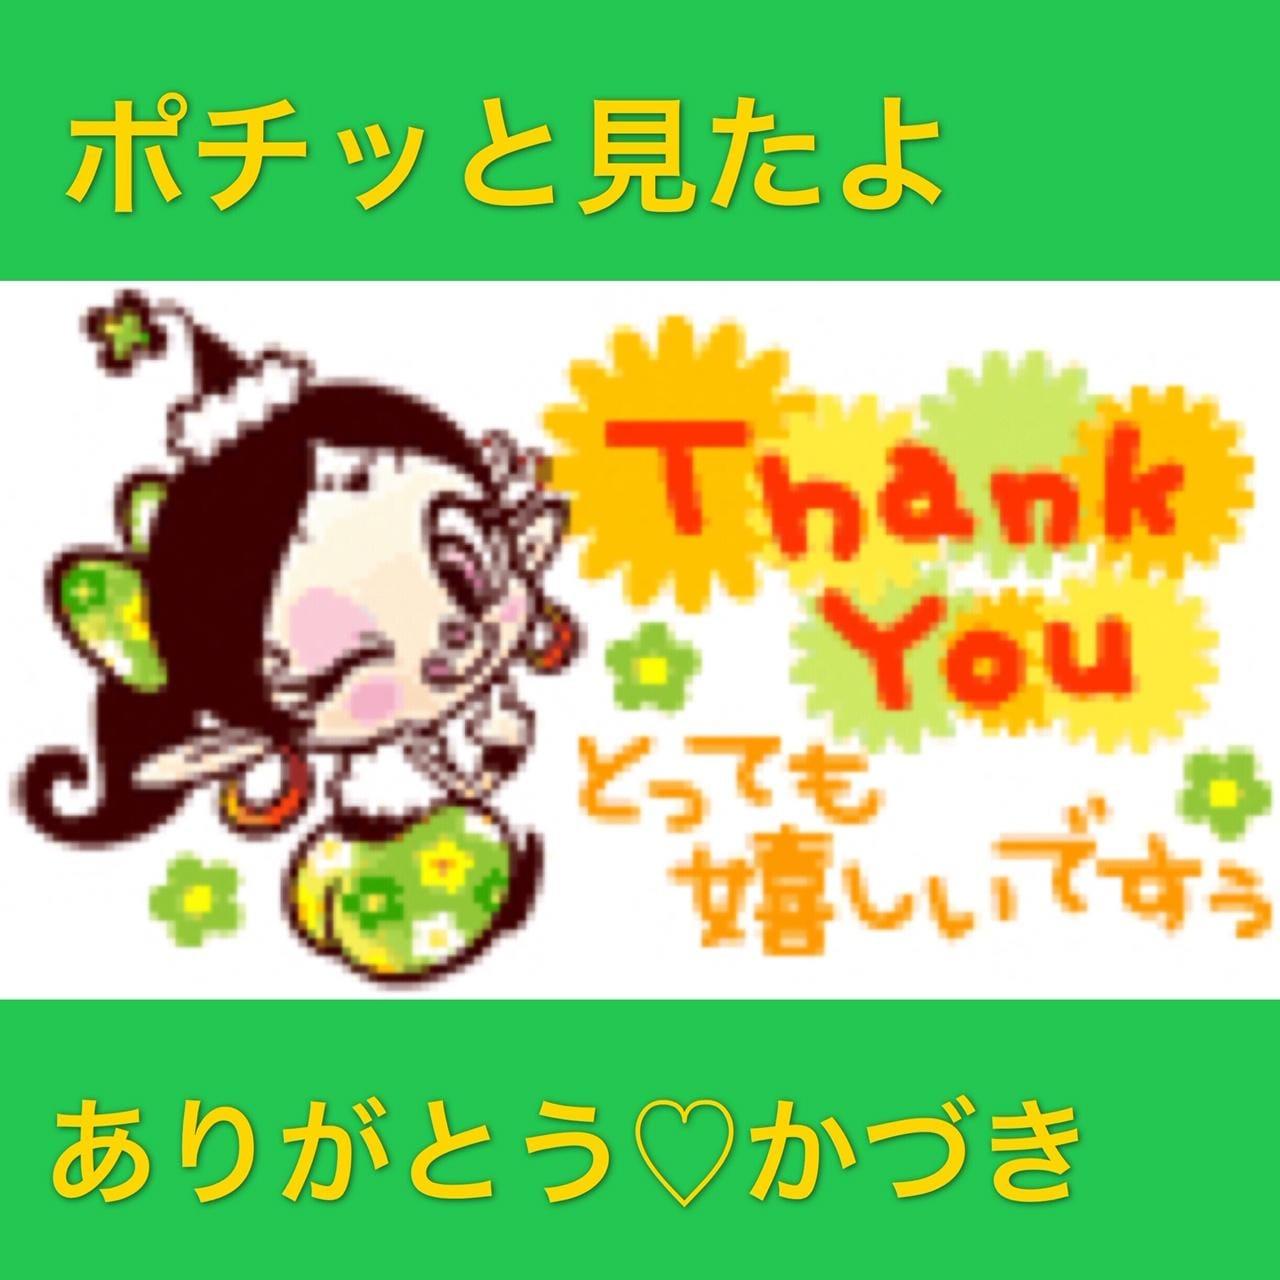 かづき「27日から9日のポチッと 他店姫さま 2」12/10(月) 23:58 | かづきの写メ・風俗動画